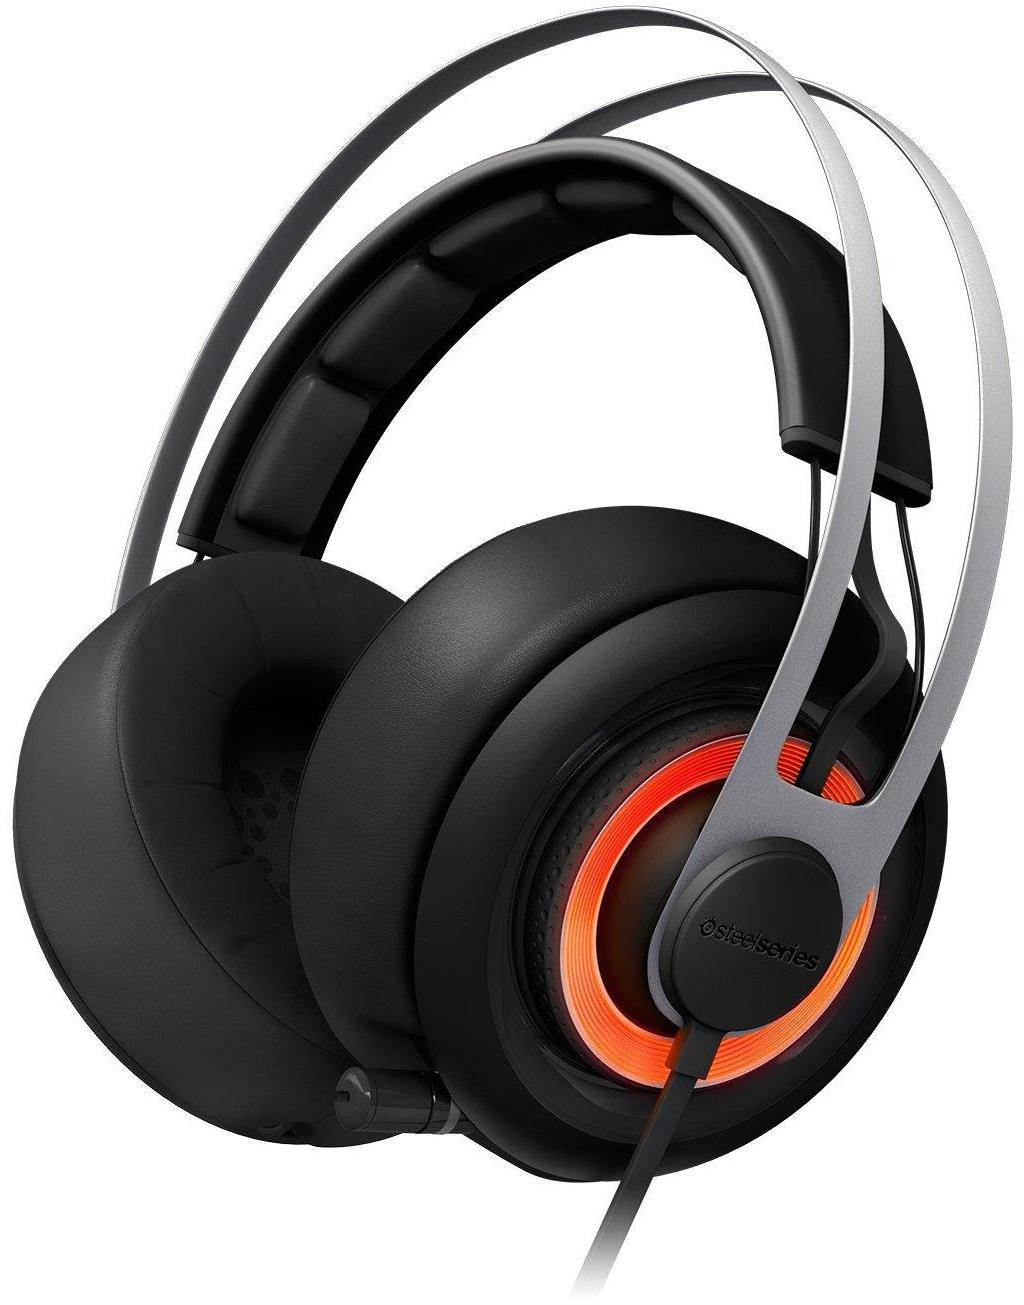 SteelSeries Siberia Elite Gaming Headset (Black)